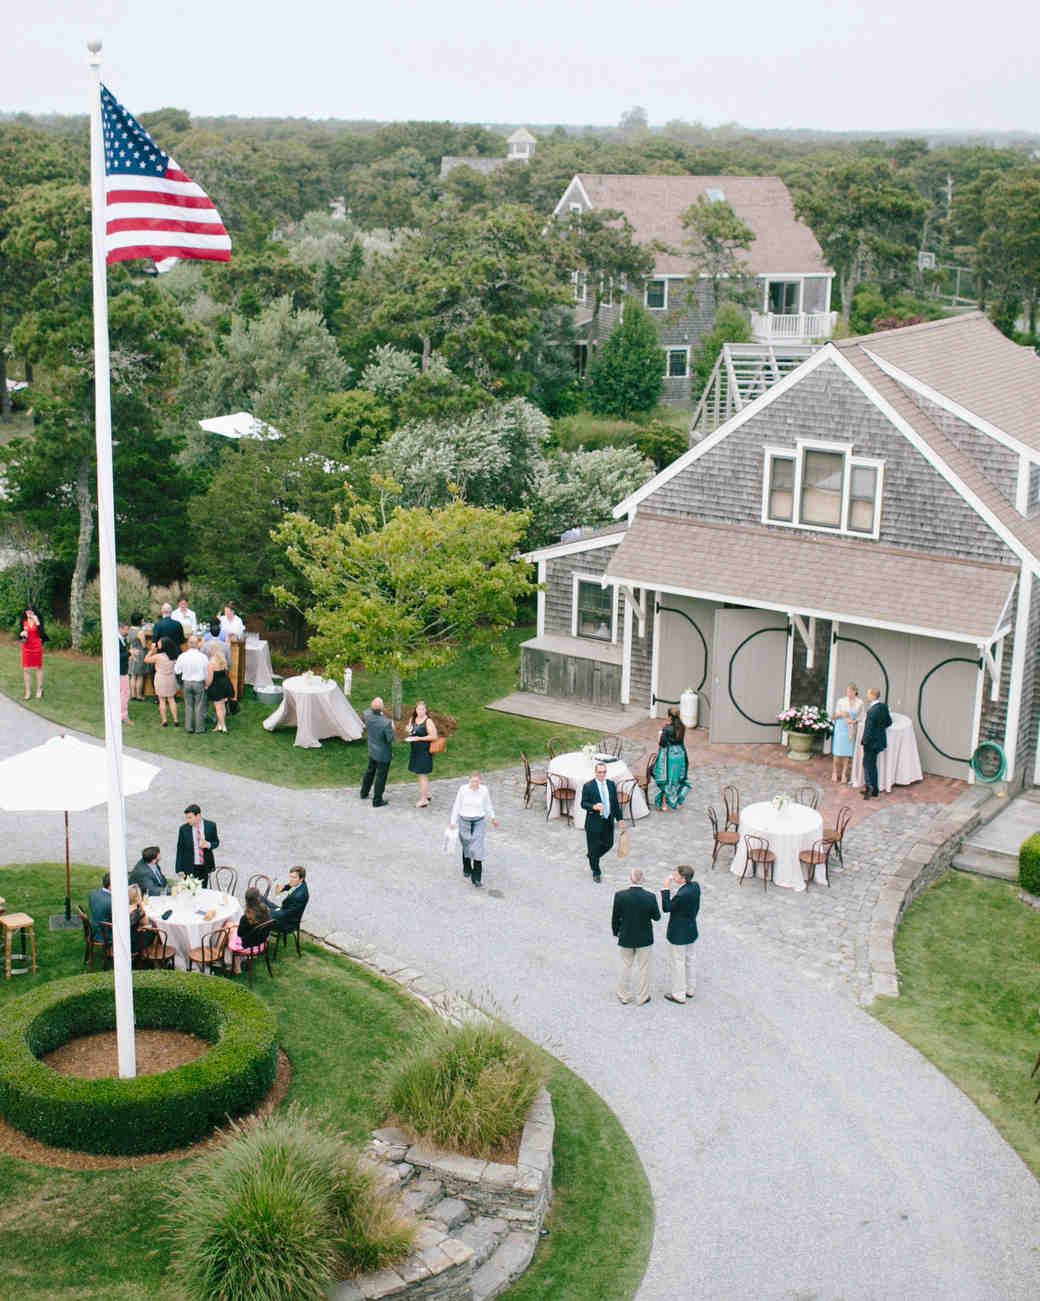 kristen-jonathan-wedding-aerial-1275-s112193-1015.jpg